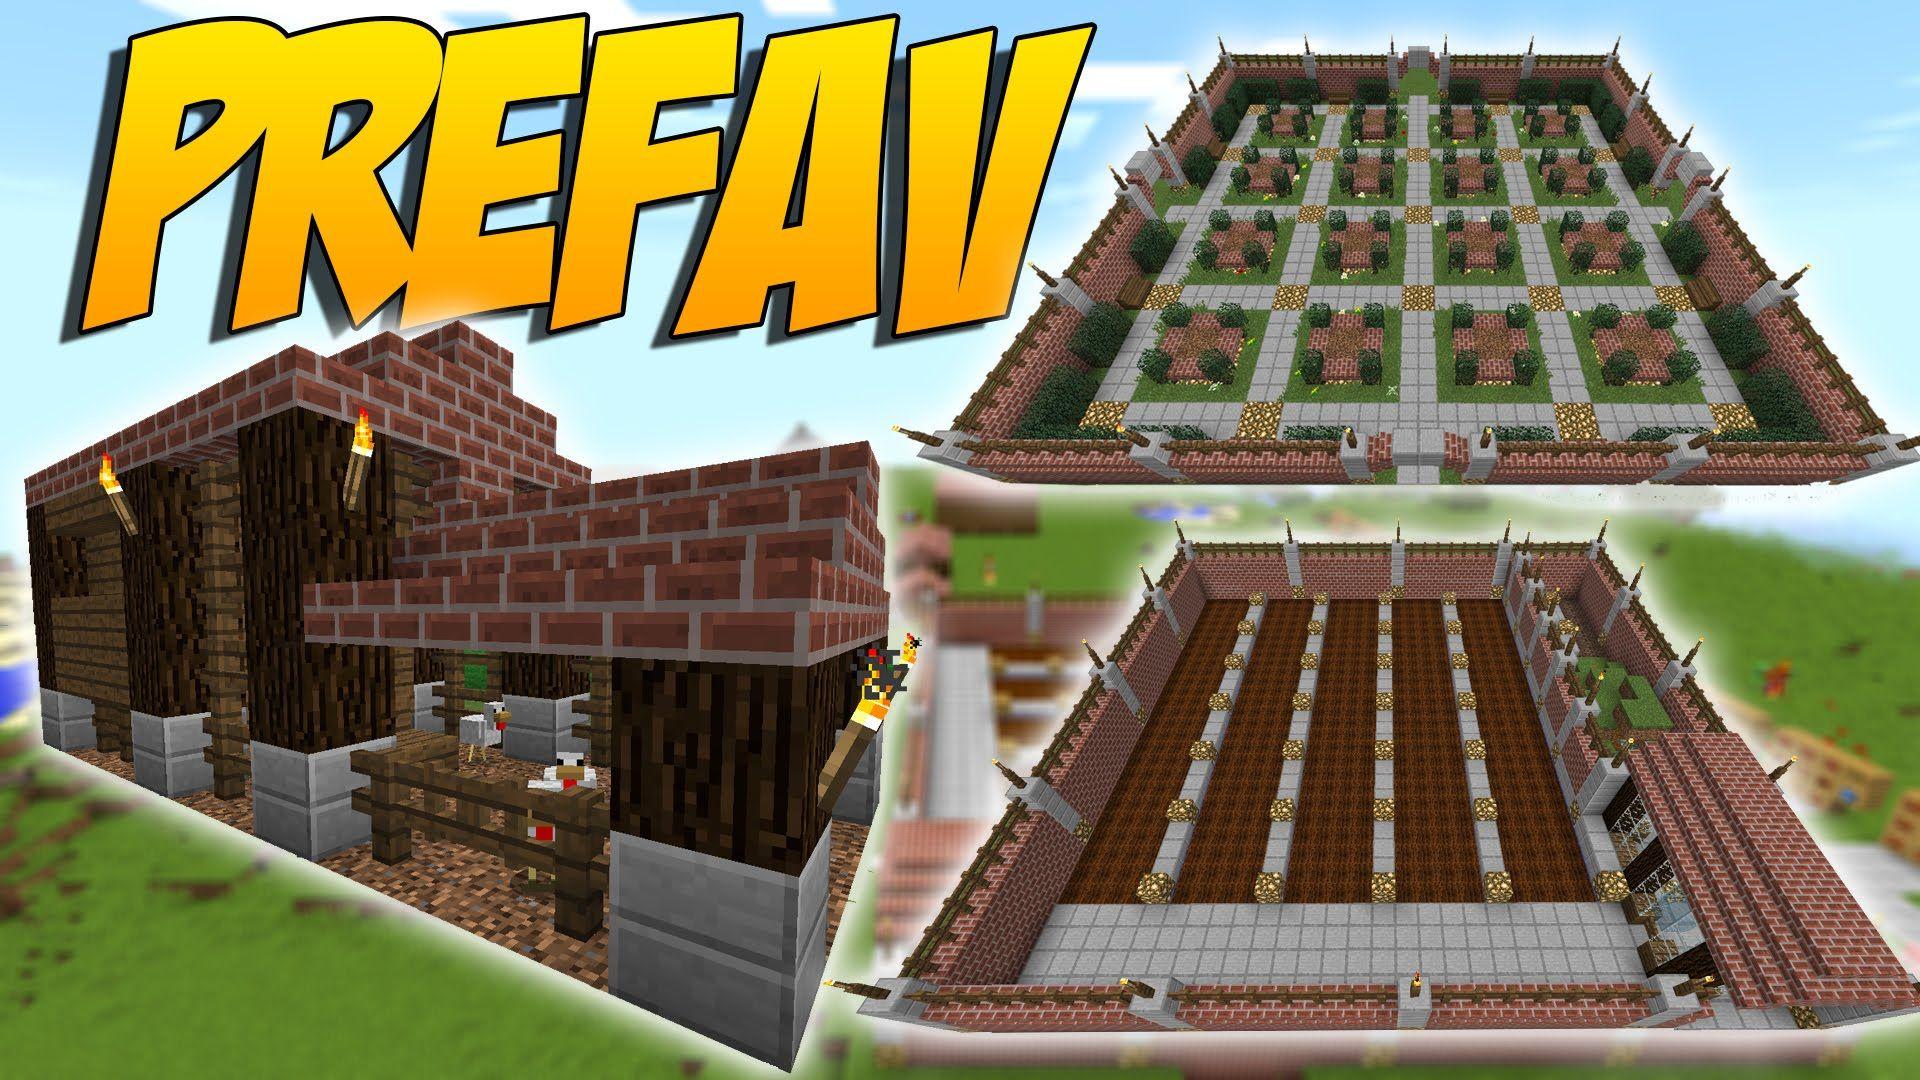 PREFAV: Mod De Estructuras Instantaneas Casa Granjas Salas De Cofres - Minecraft  Mod 1.10.2/1.10